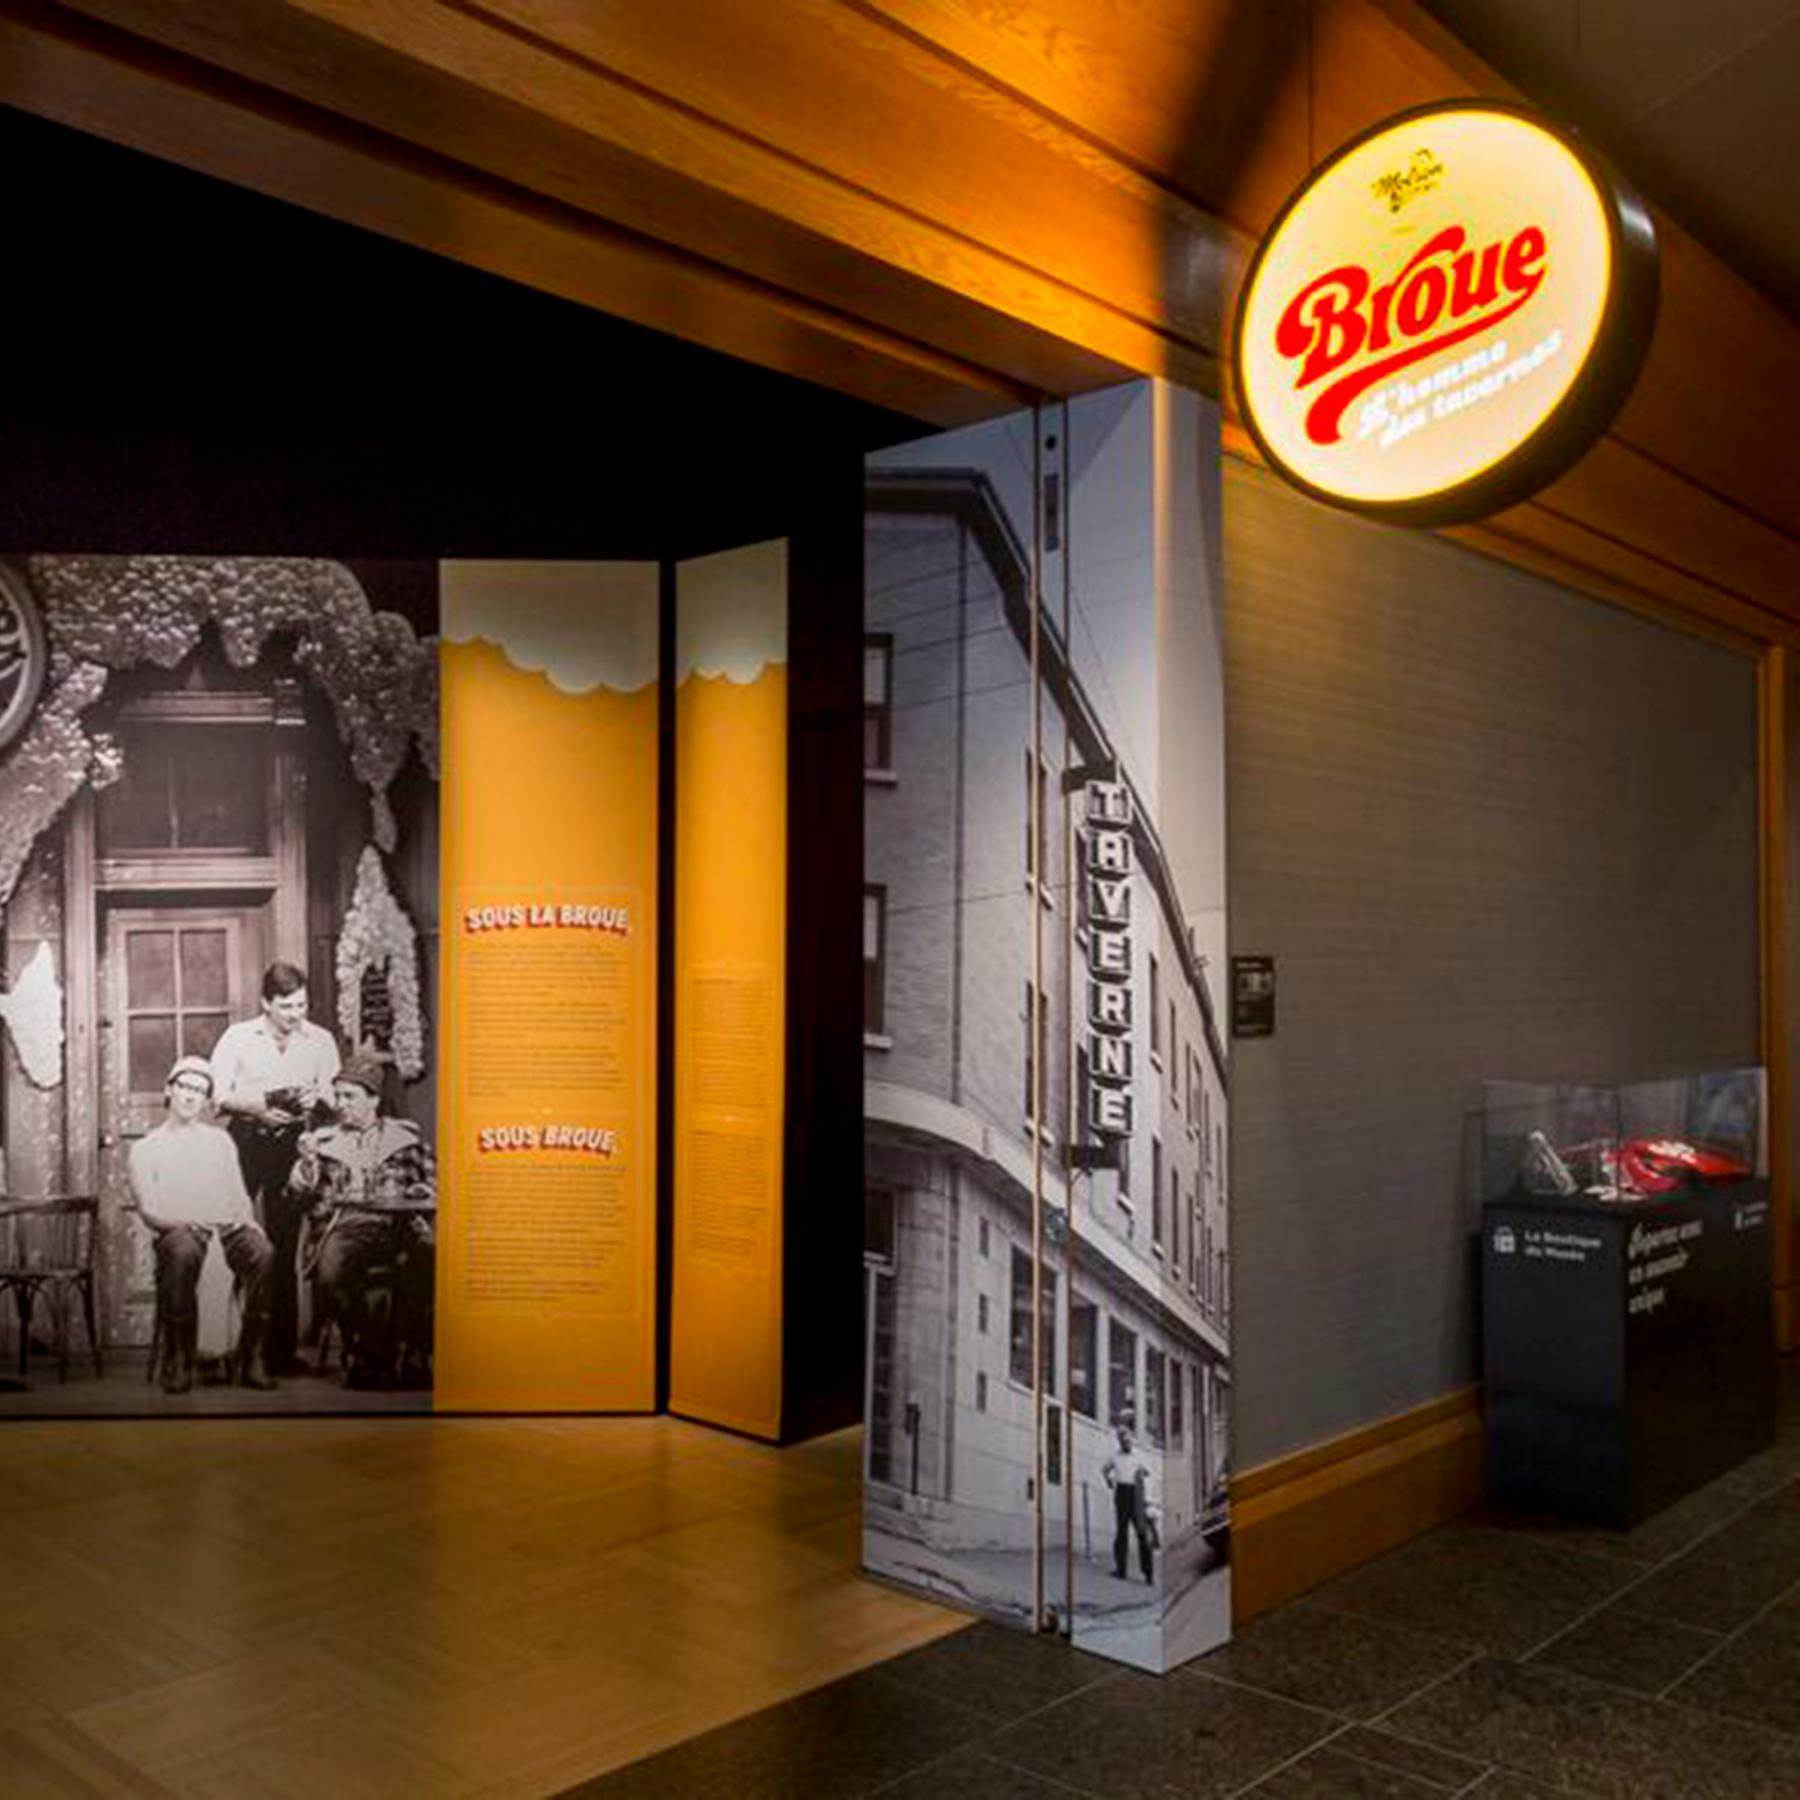 Photographie de l'entrée de l'exposition Broue, l'homme des tavernes, présentée par Molson Export.